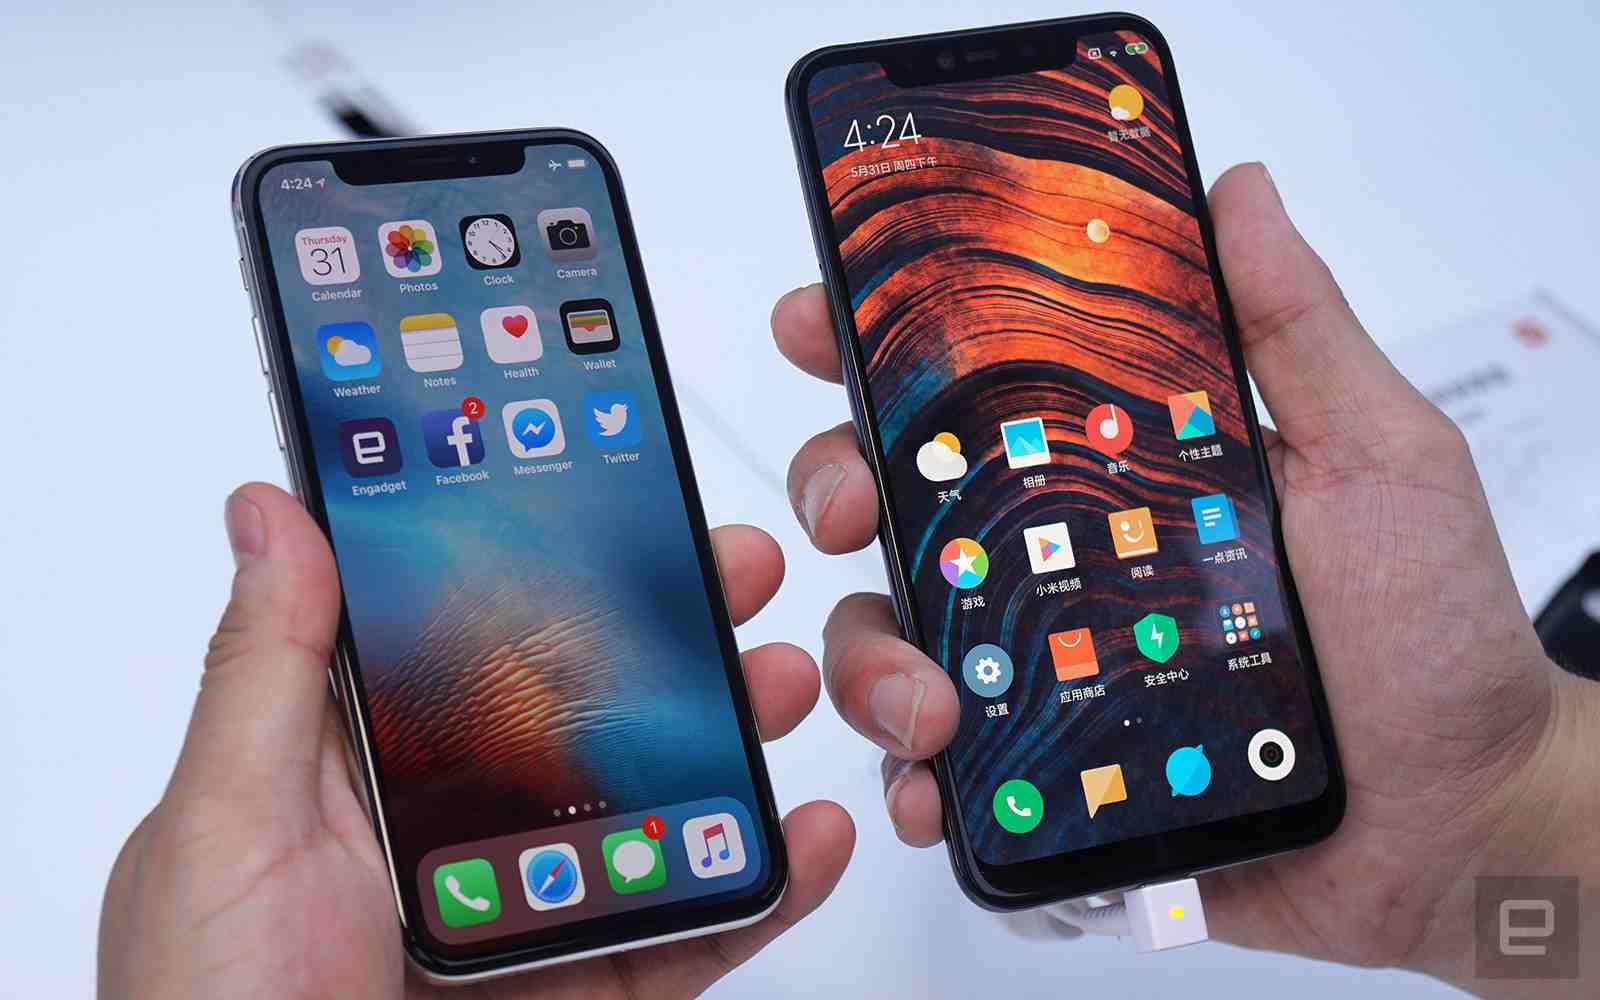 Xiaomi's Mi 8 Explorer  Vs Apple's iPhone X Front View